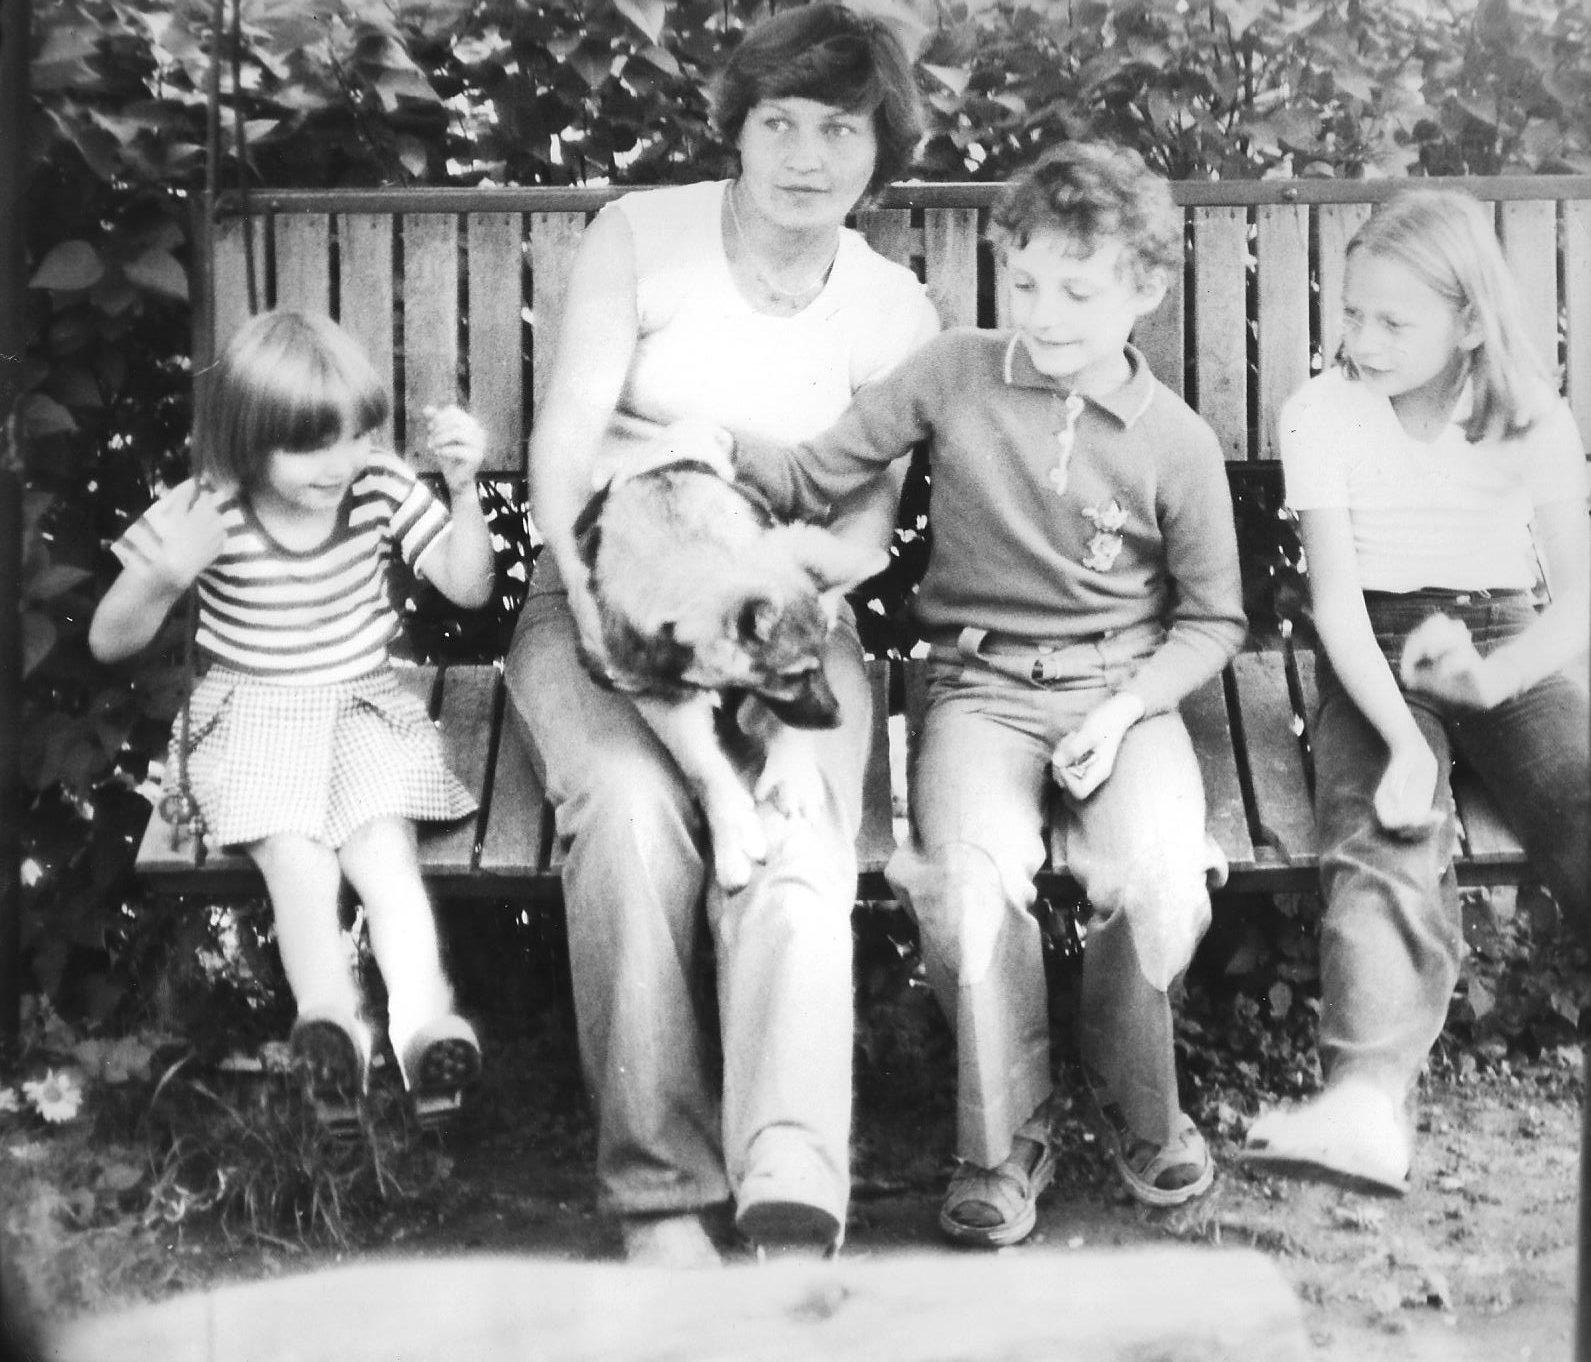 Patrycja z rodziną. Fot. Archiwum Patrycji Berezowskiej